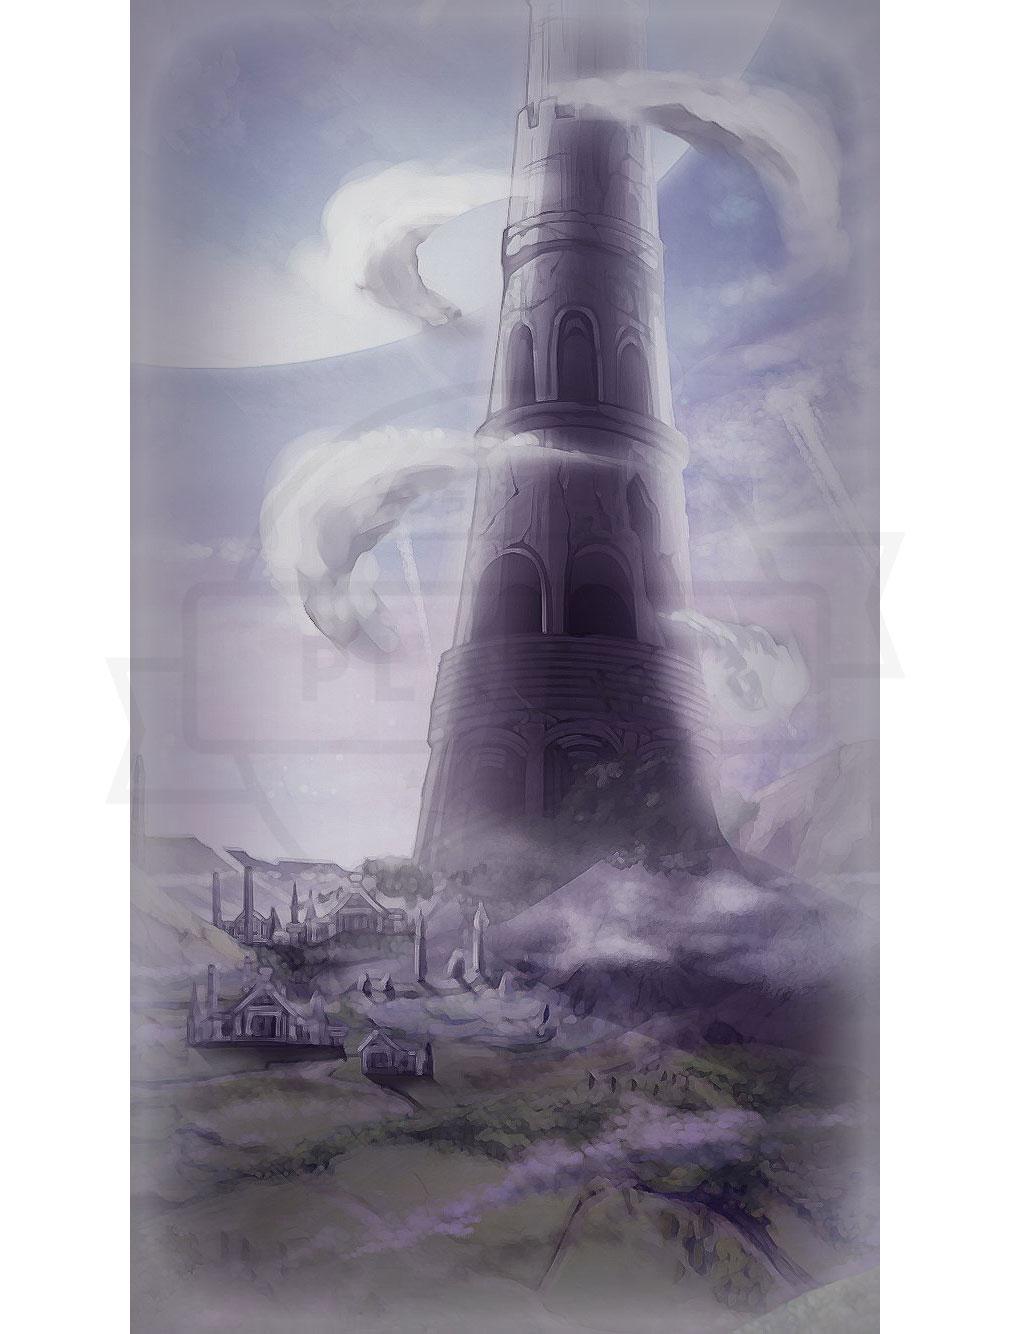 輝星のリベリオン 幻影の古代塔(ホシリベ) 『幻影の古代塔』紹介イメージ